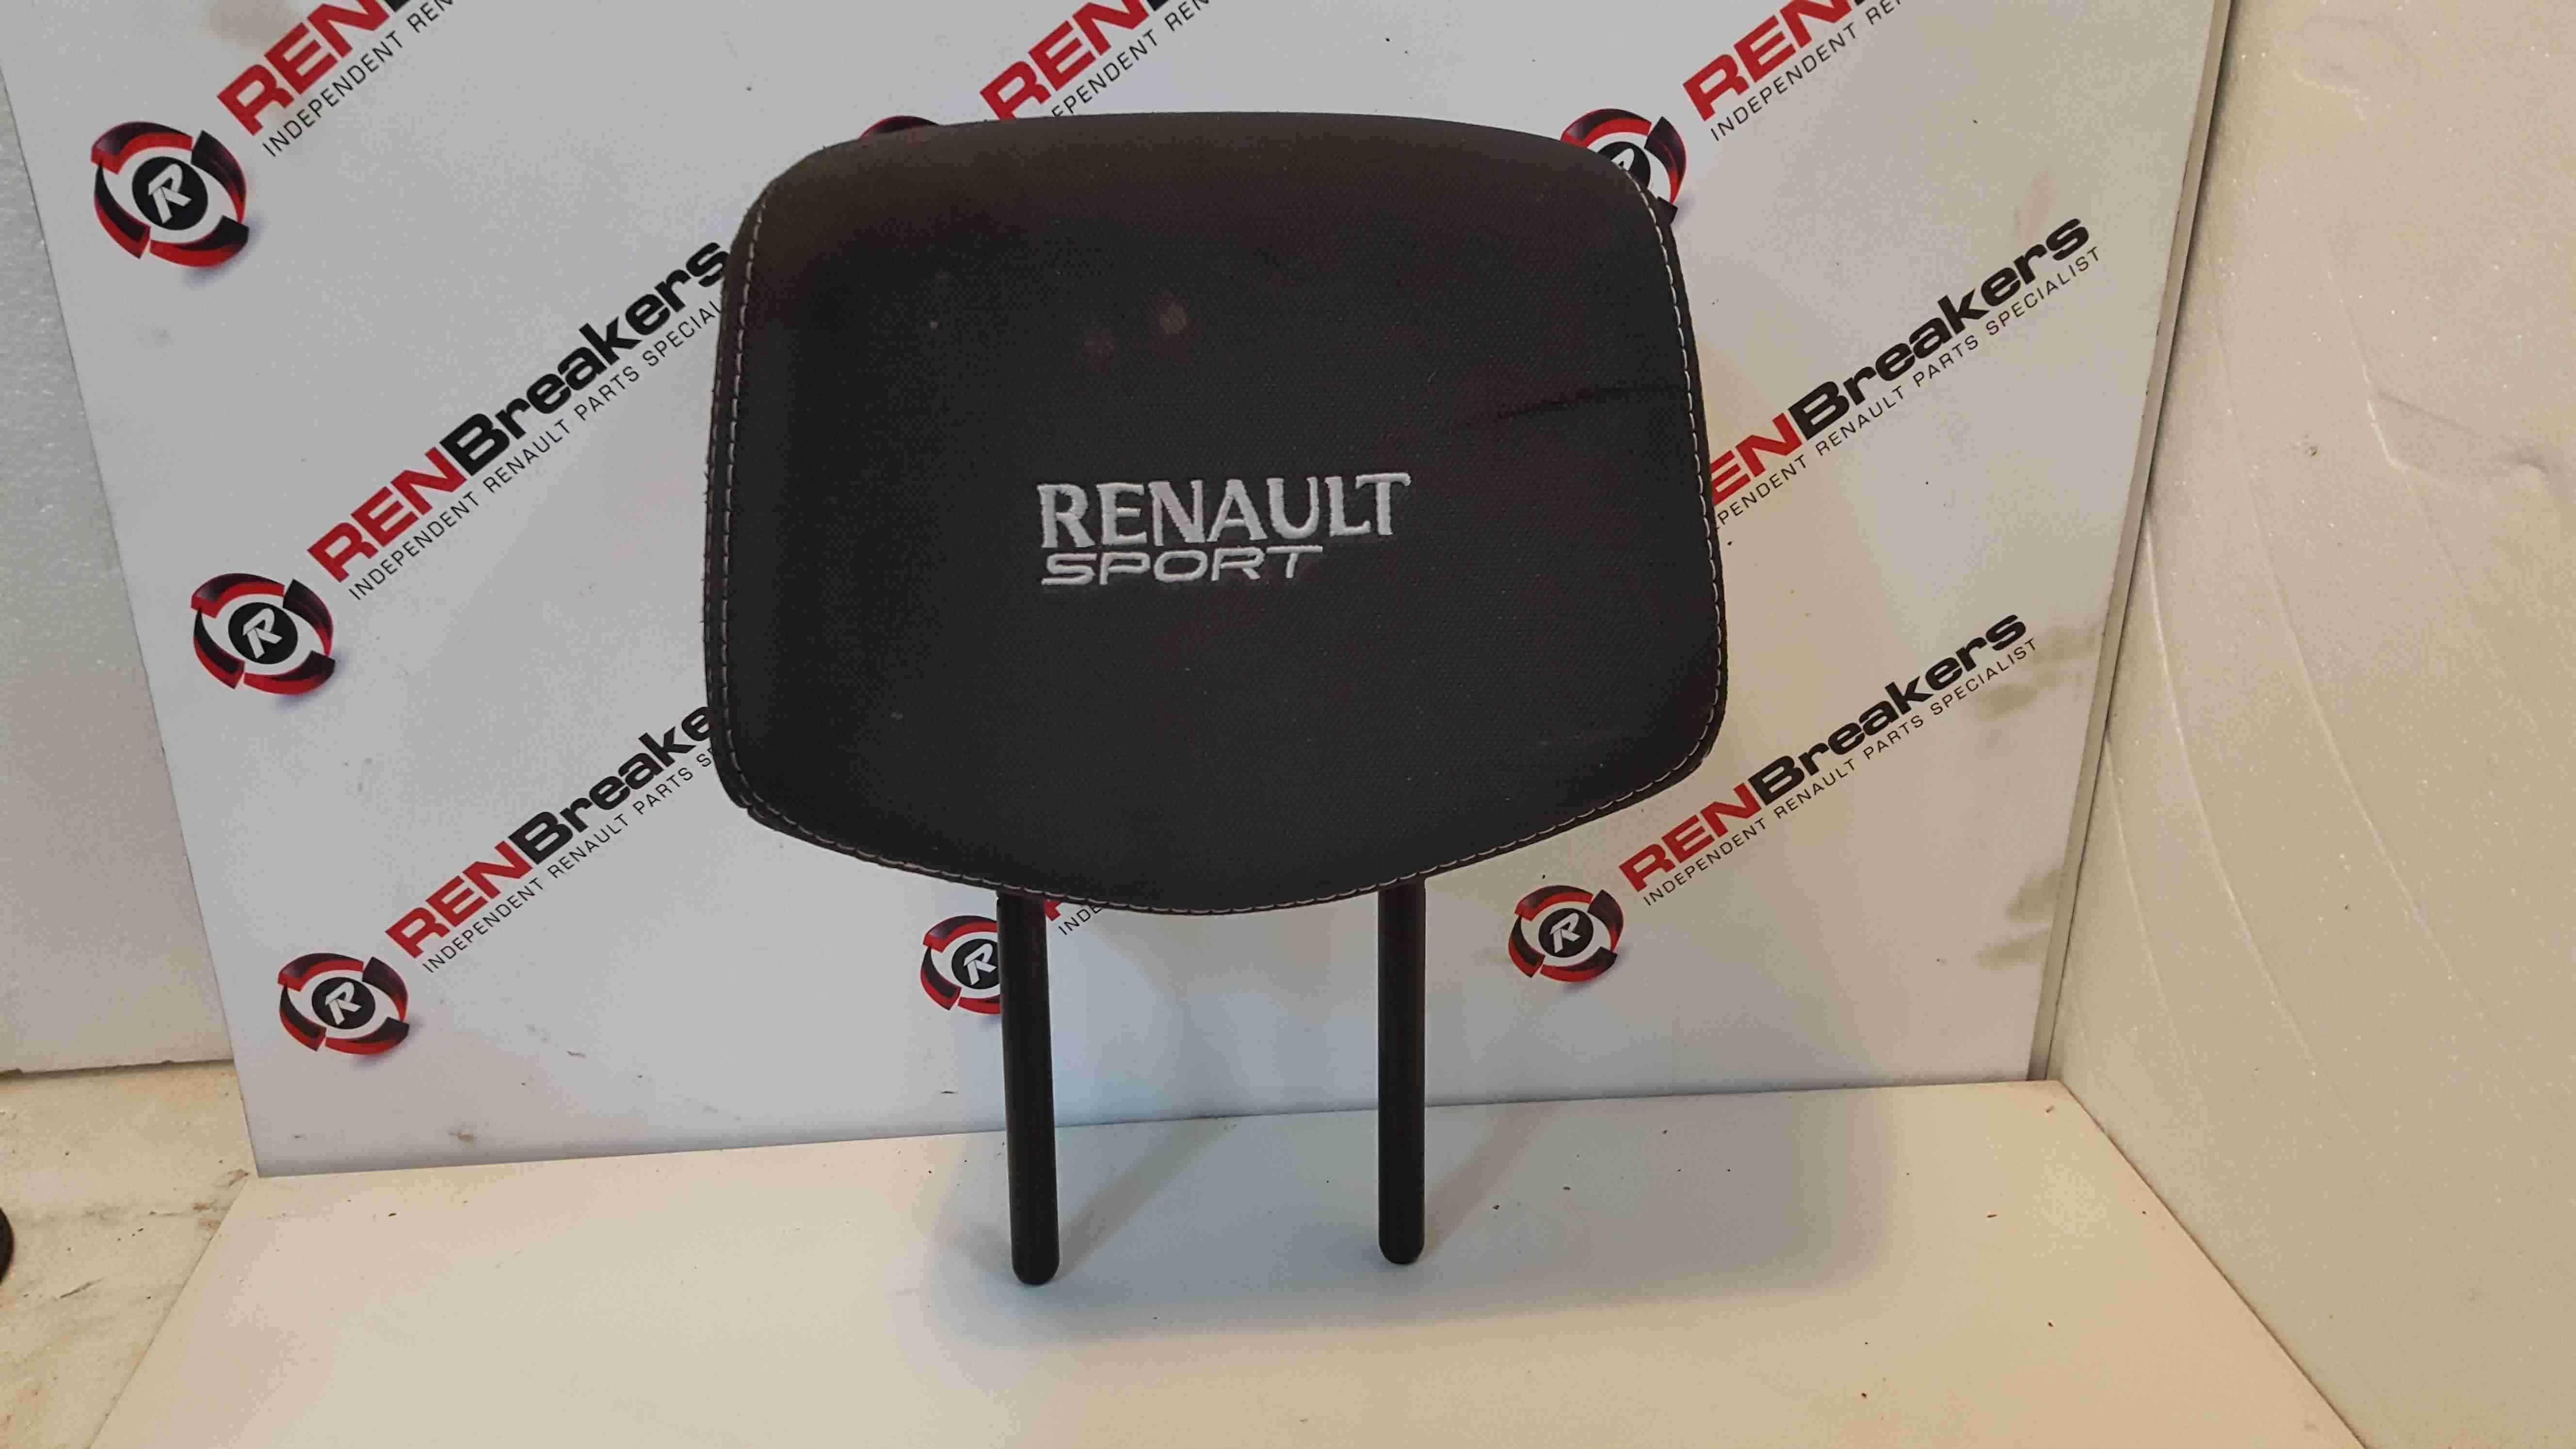 Renault Clio Sport MK3 2005-2012 197 200 Headrest Rest Chair